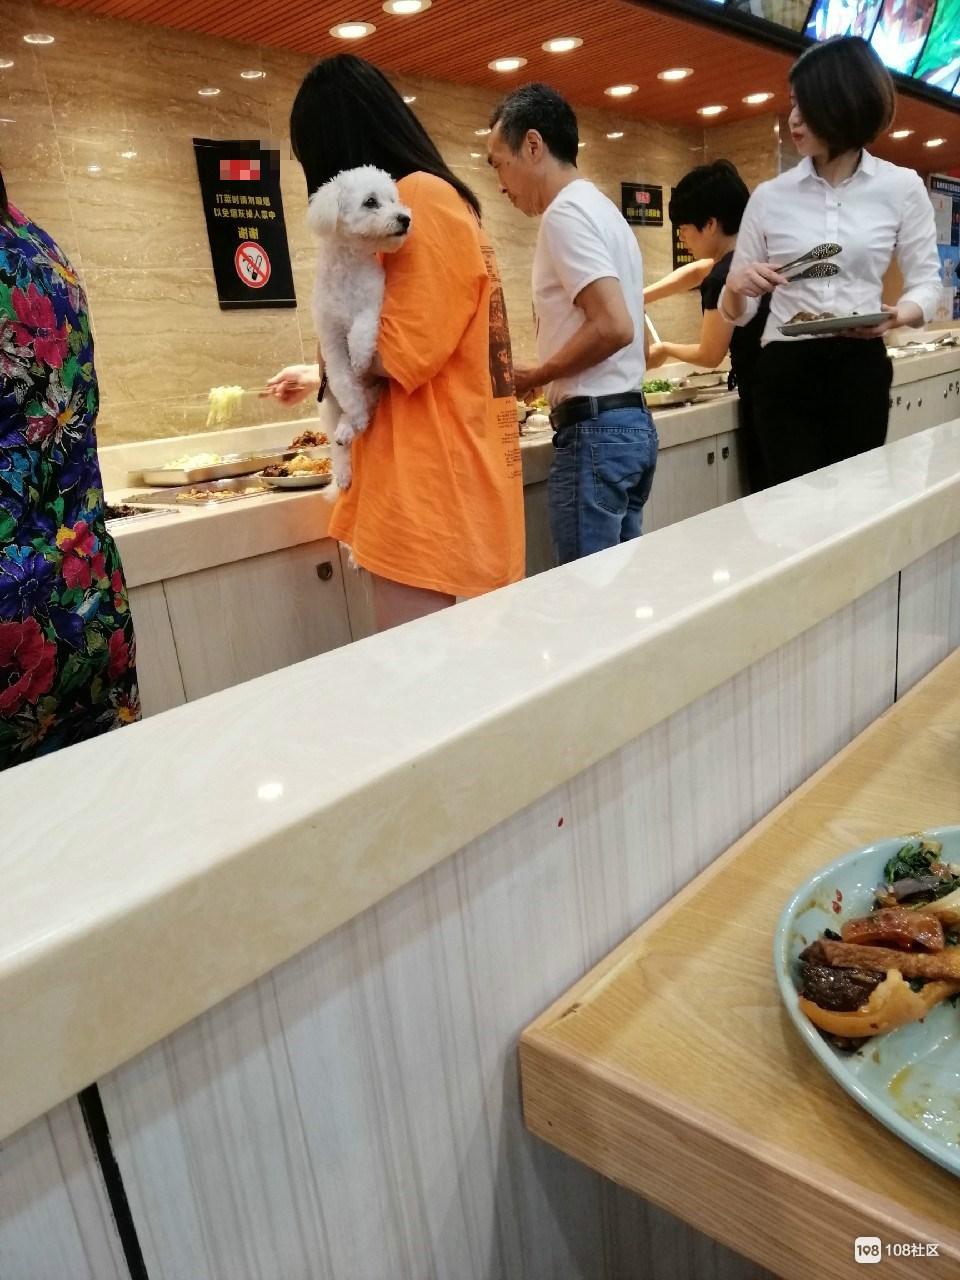 一美女抱着狗进餐厅,还来回走了五趟,毛都掉菜里了!